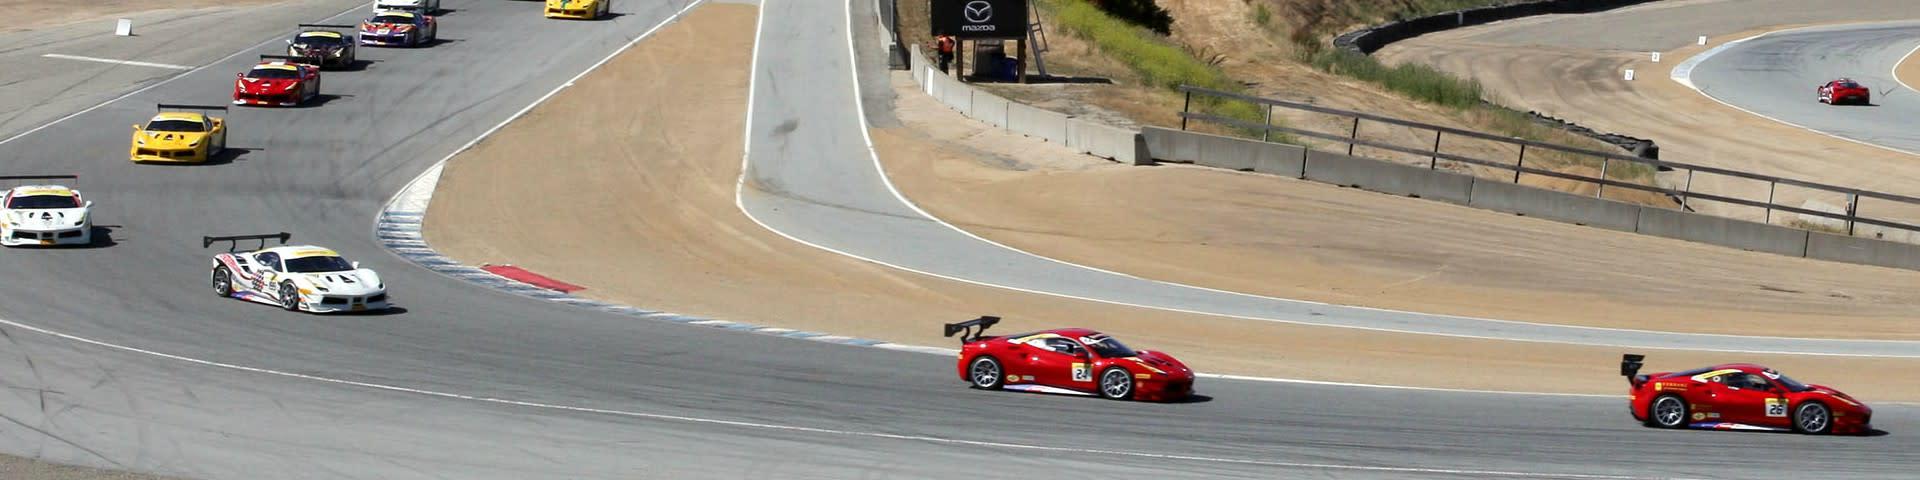 Ferrari Challenge Laguna Seca